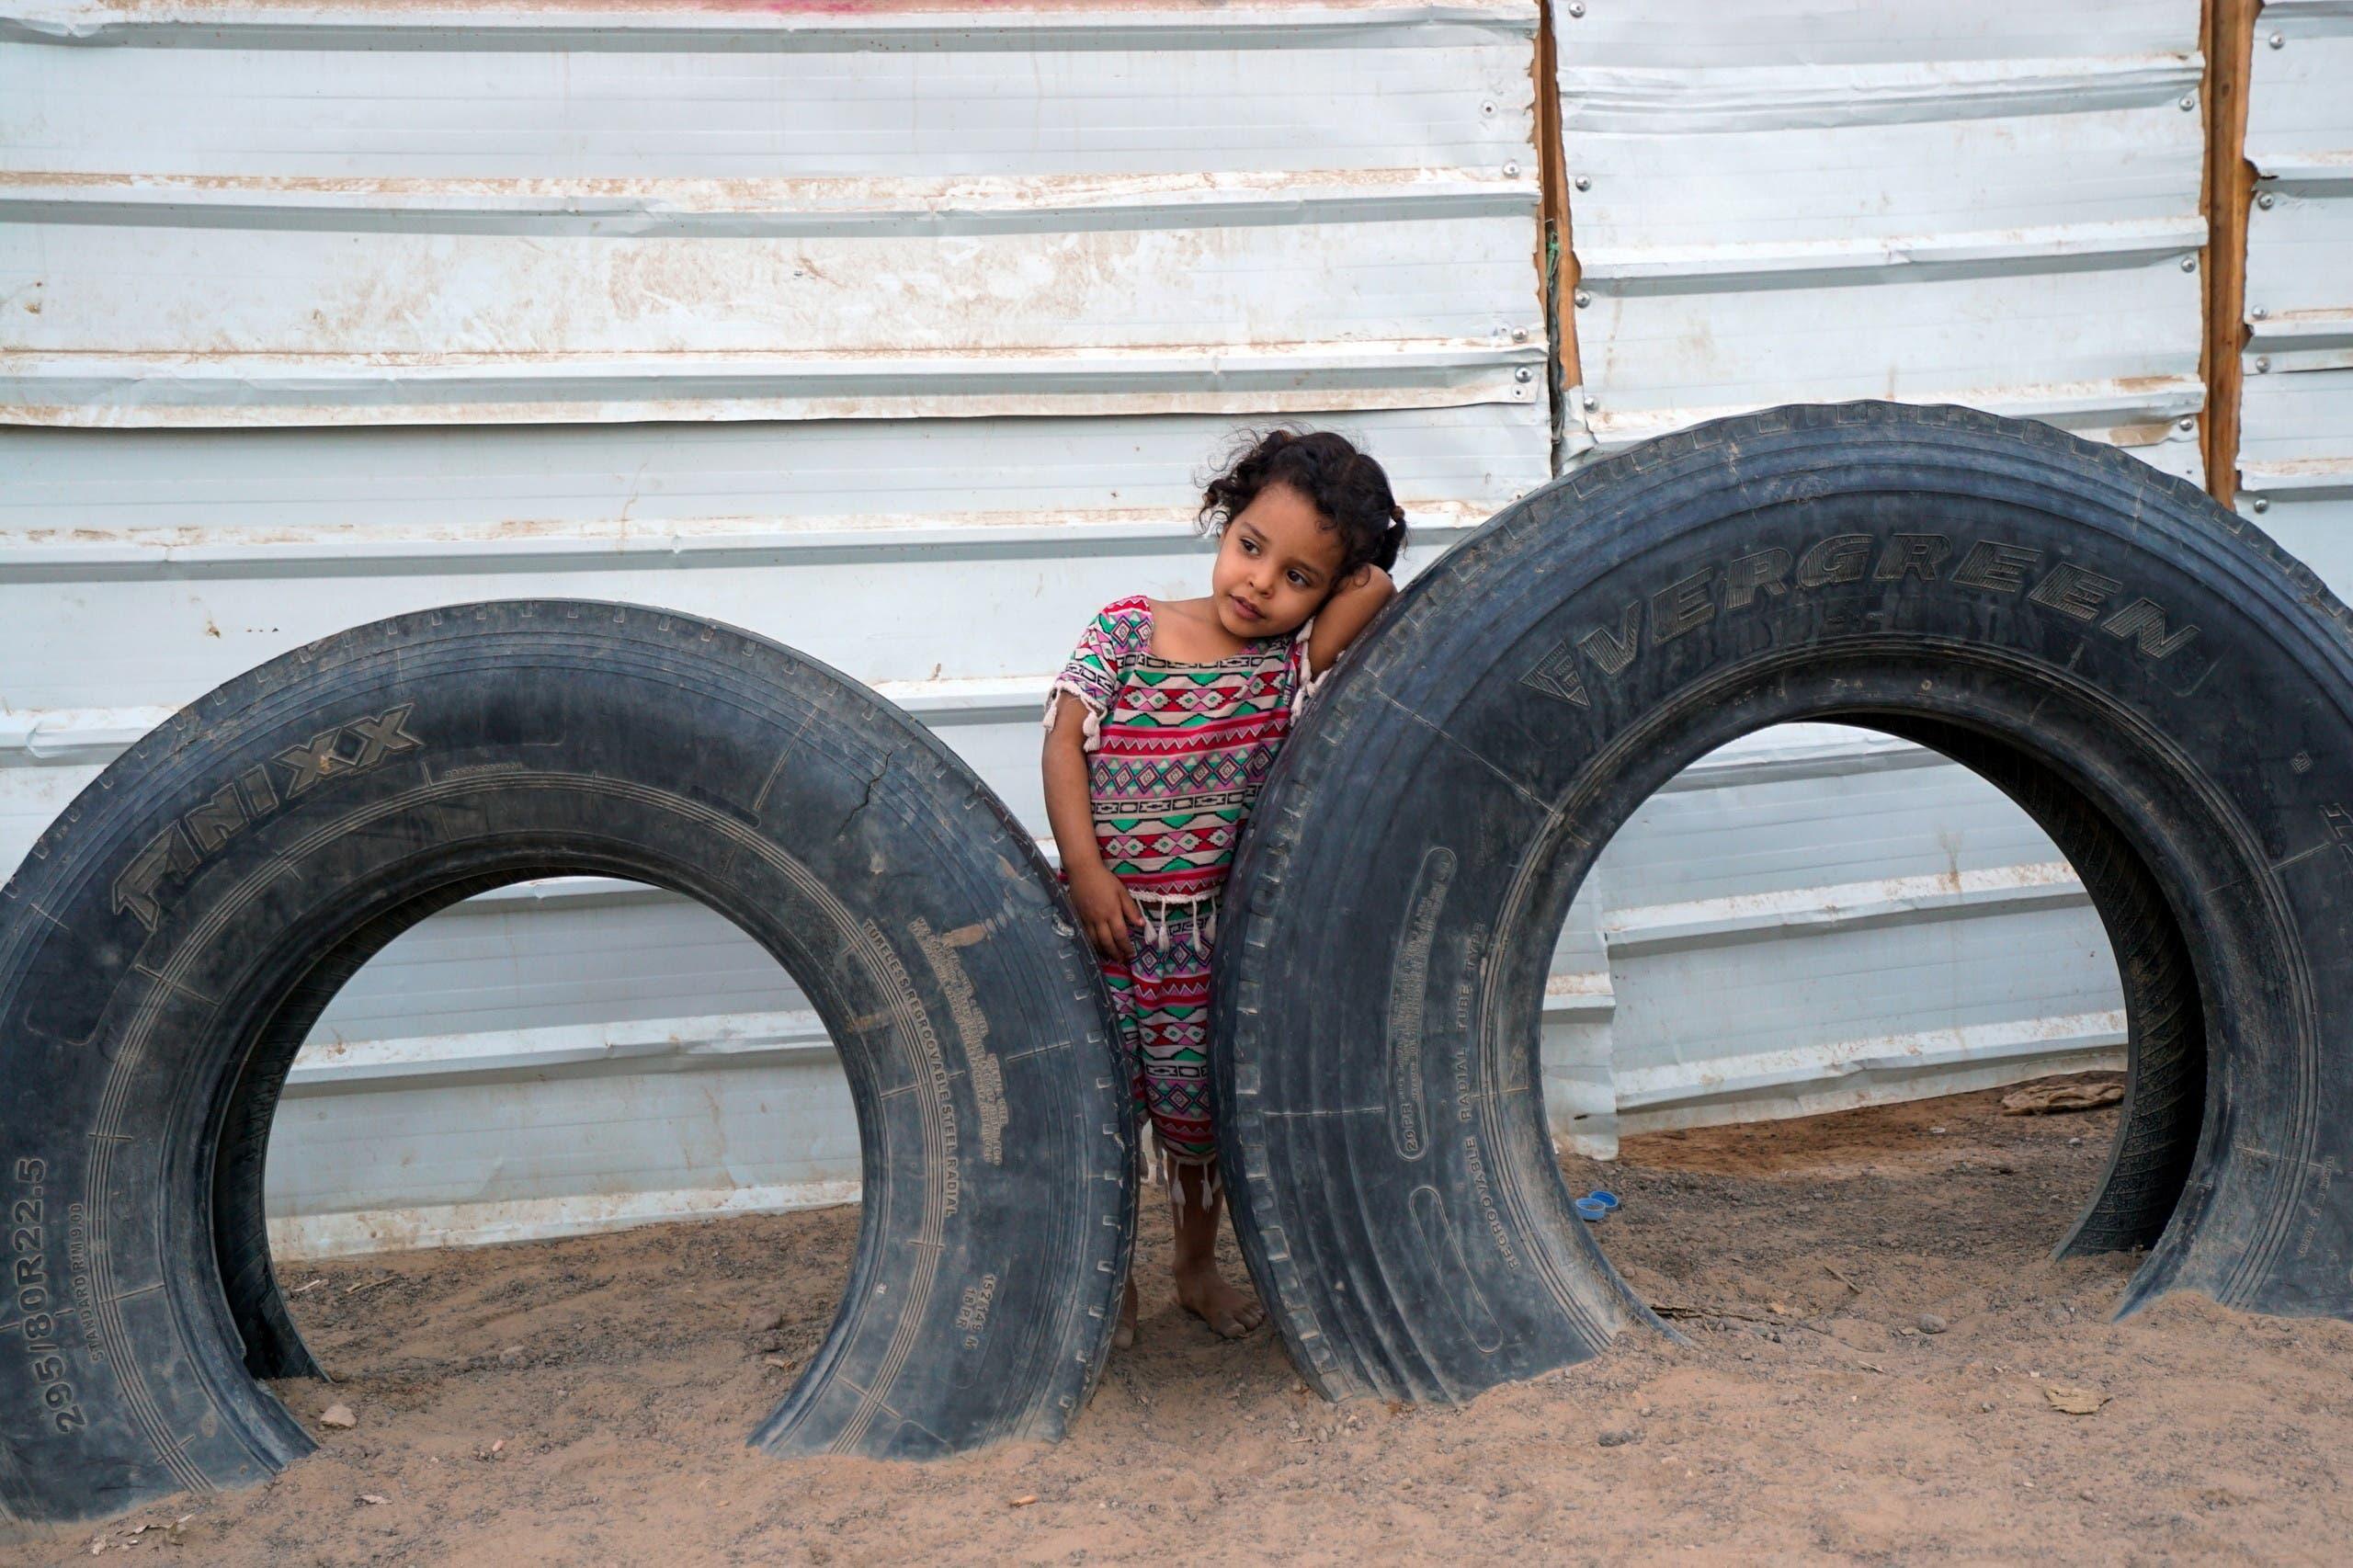 طفلة في مخيم للنازحين في مأرب